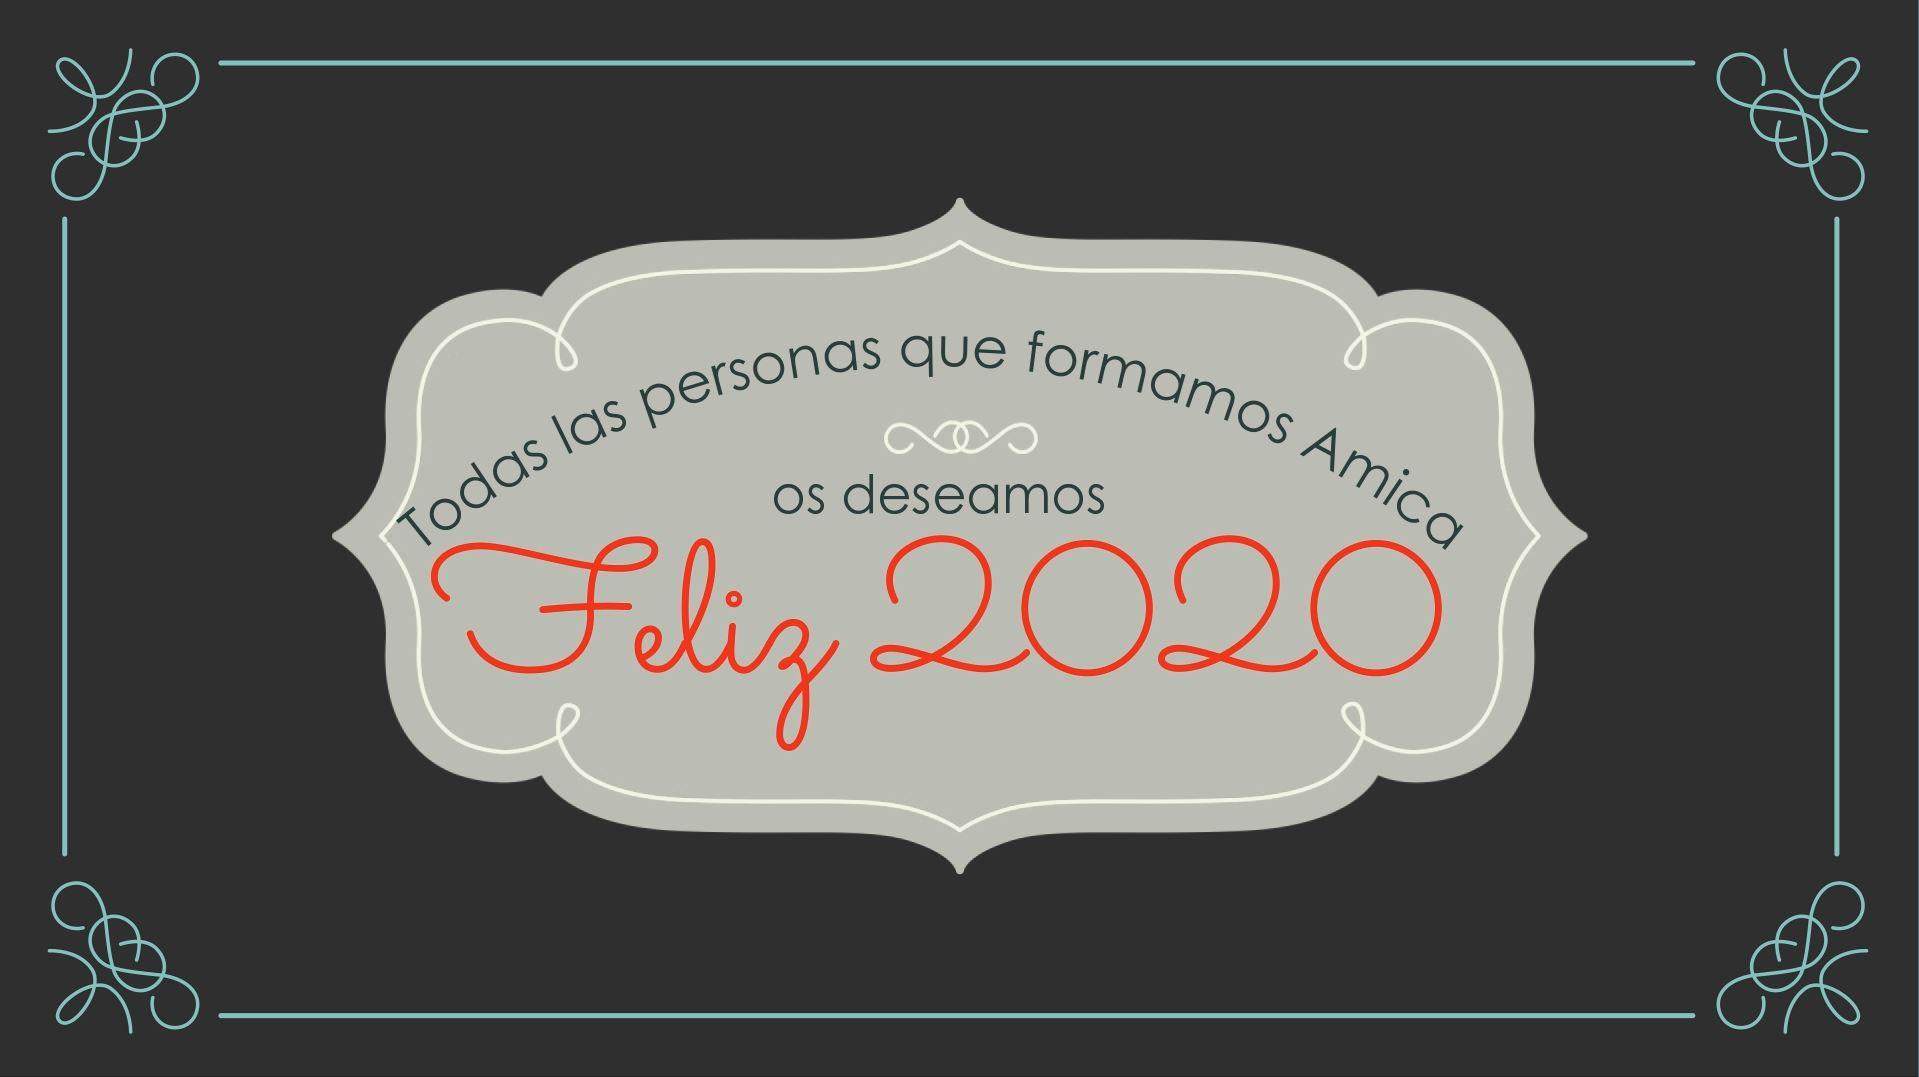 ¡Felices fiestas y feliz año 2020!